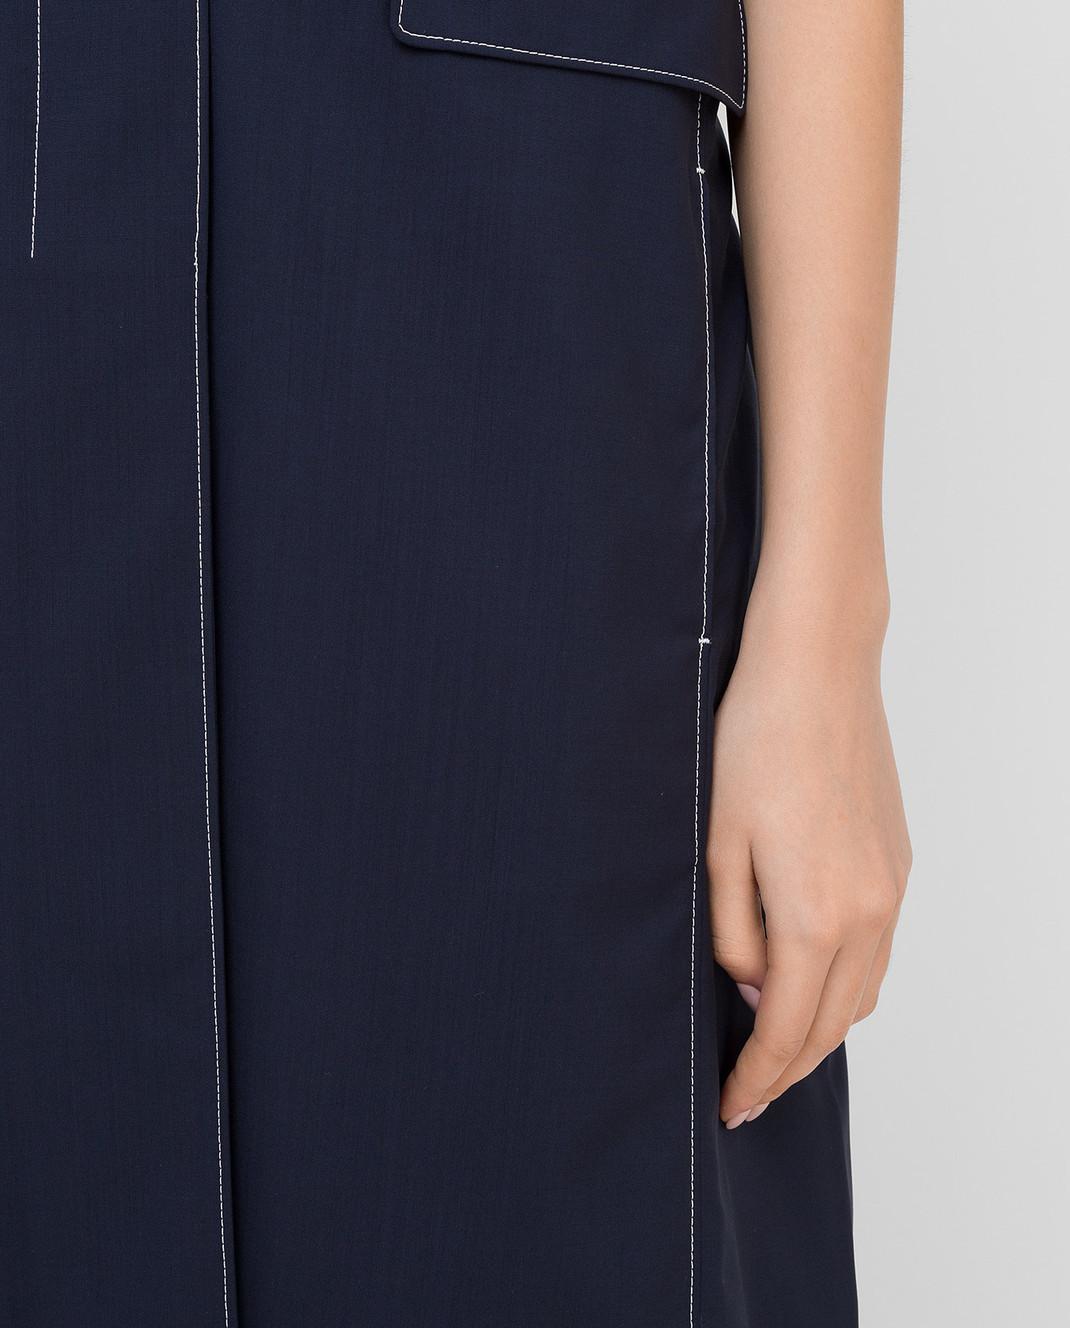 Prada Темно-синий жилет из шерсти P604E изображение 5